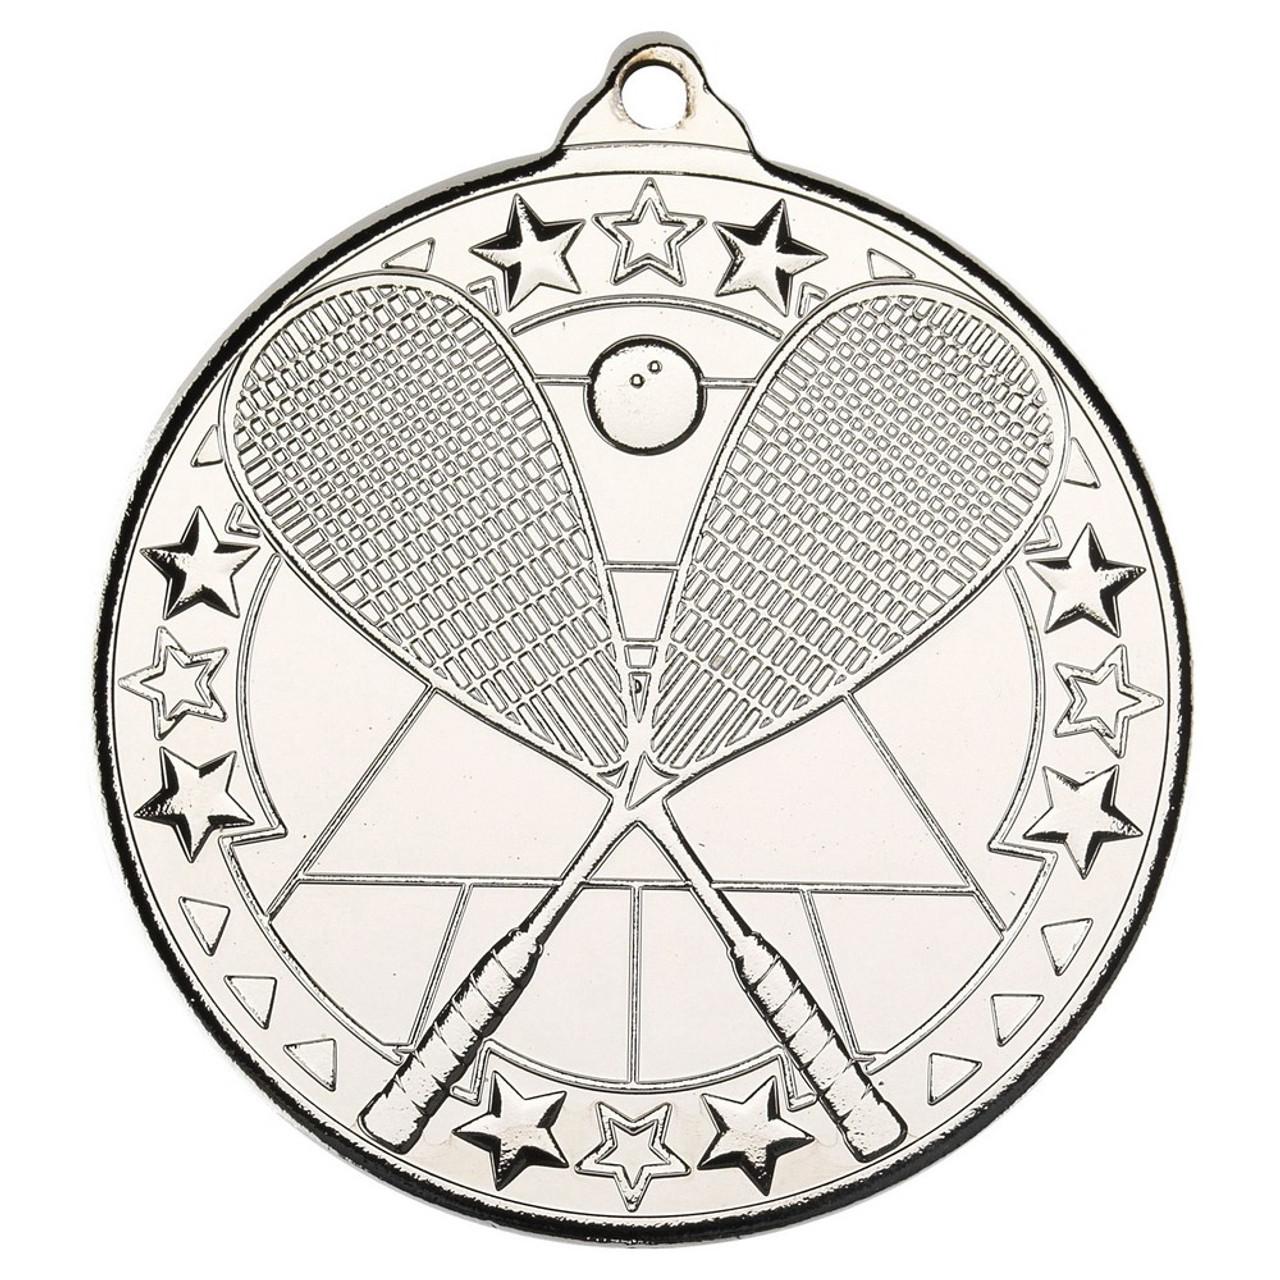 50mm Silver Squash medal